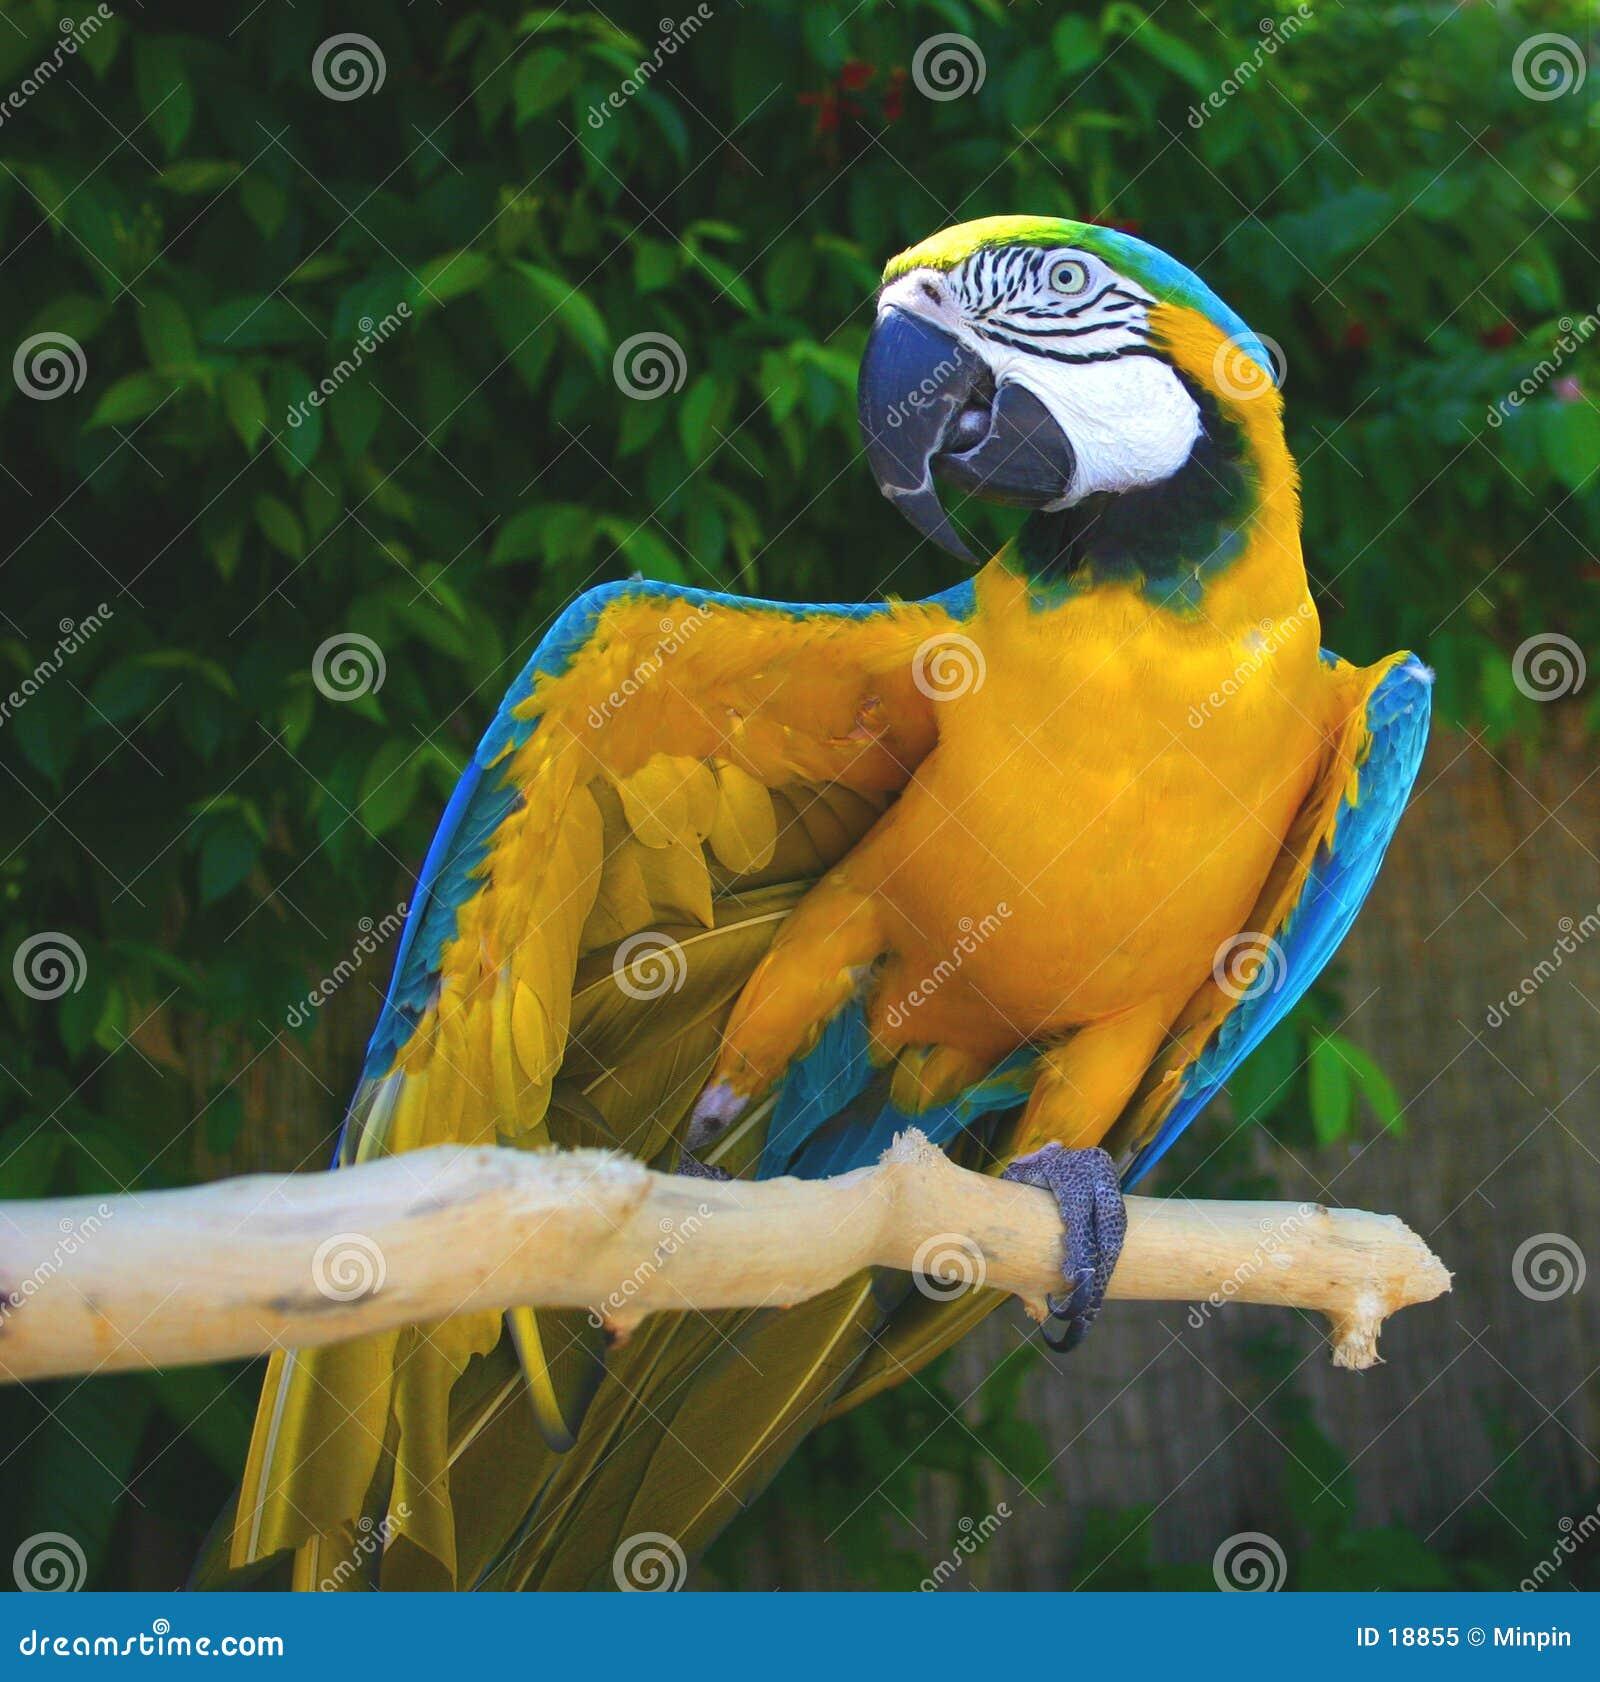 Max z papuziego wykazując